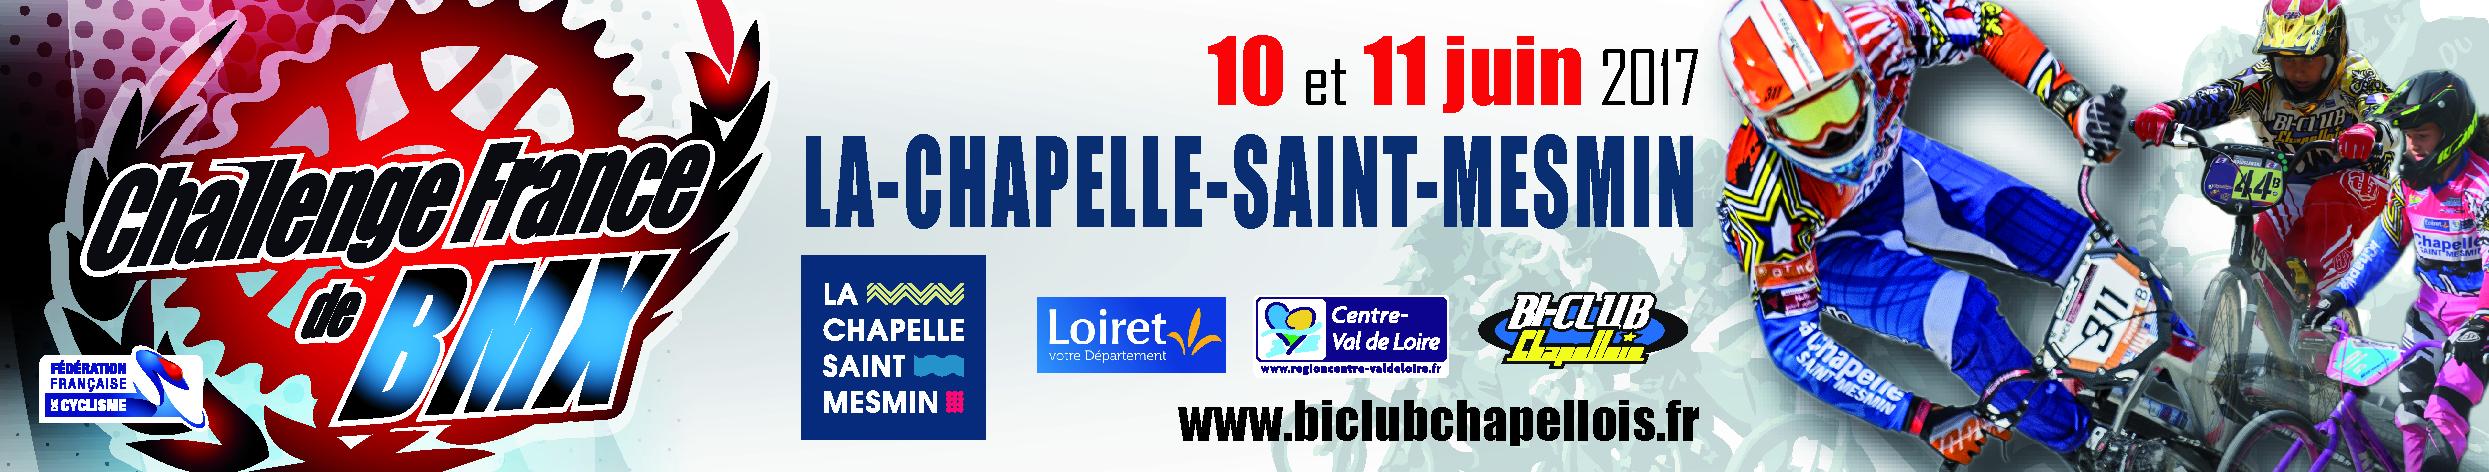 Bandeau challenge France 2017-01-01